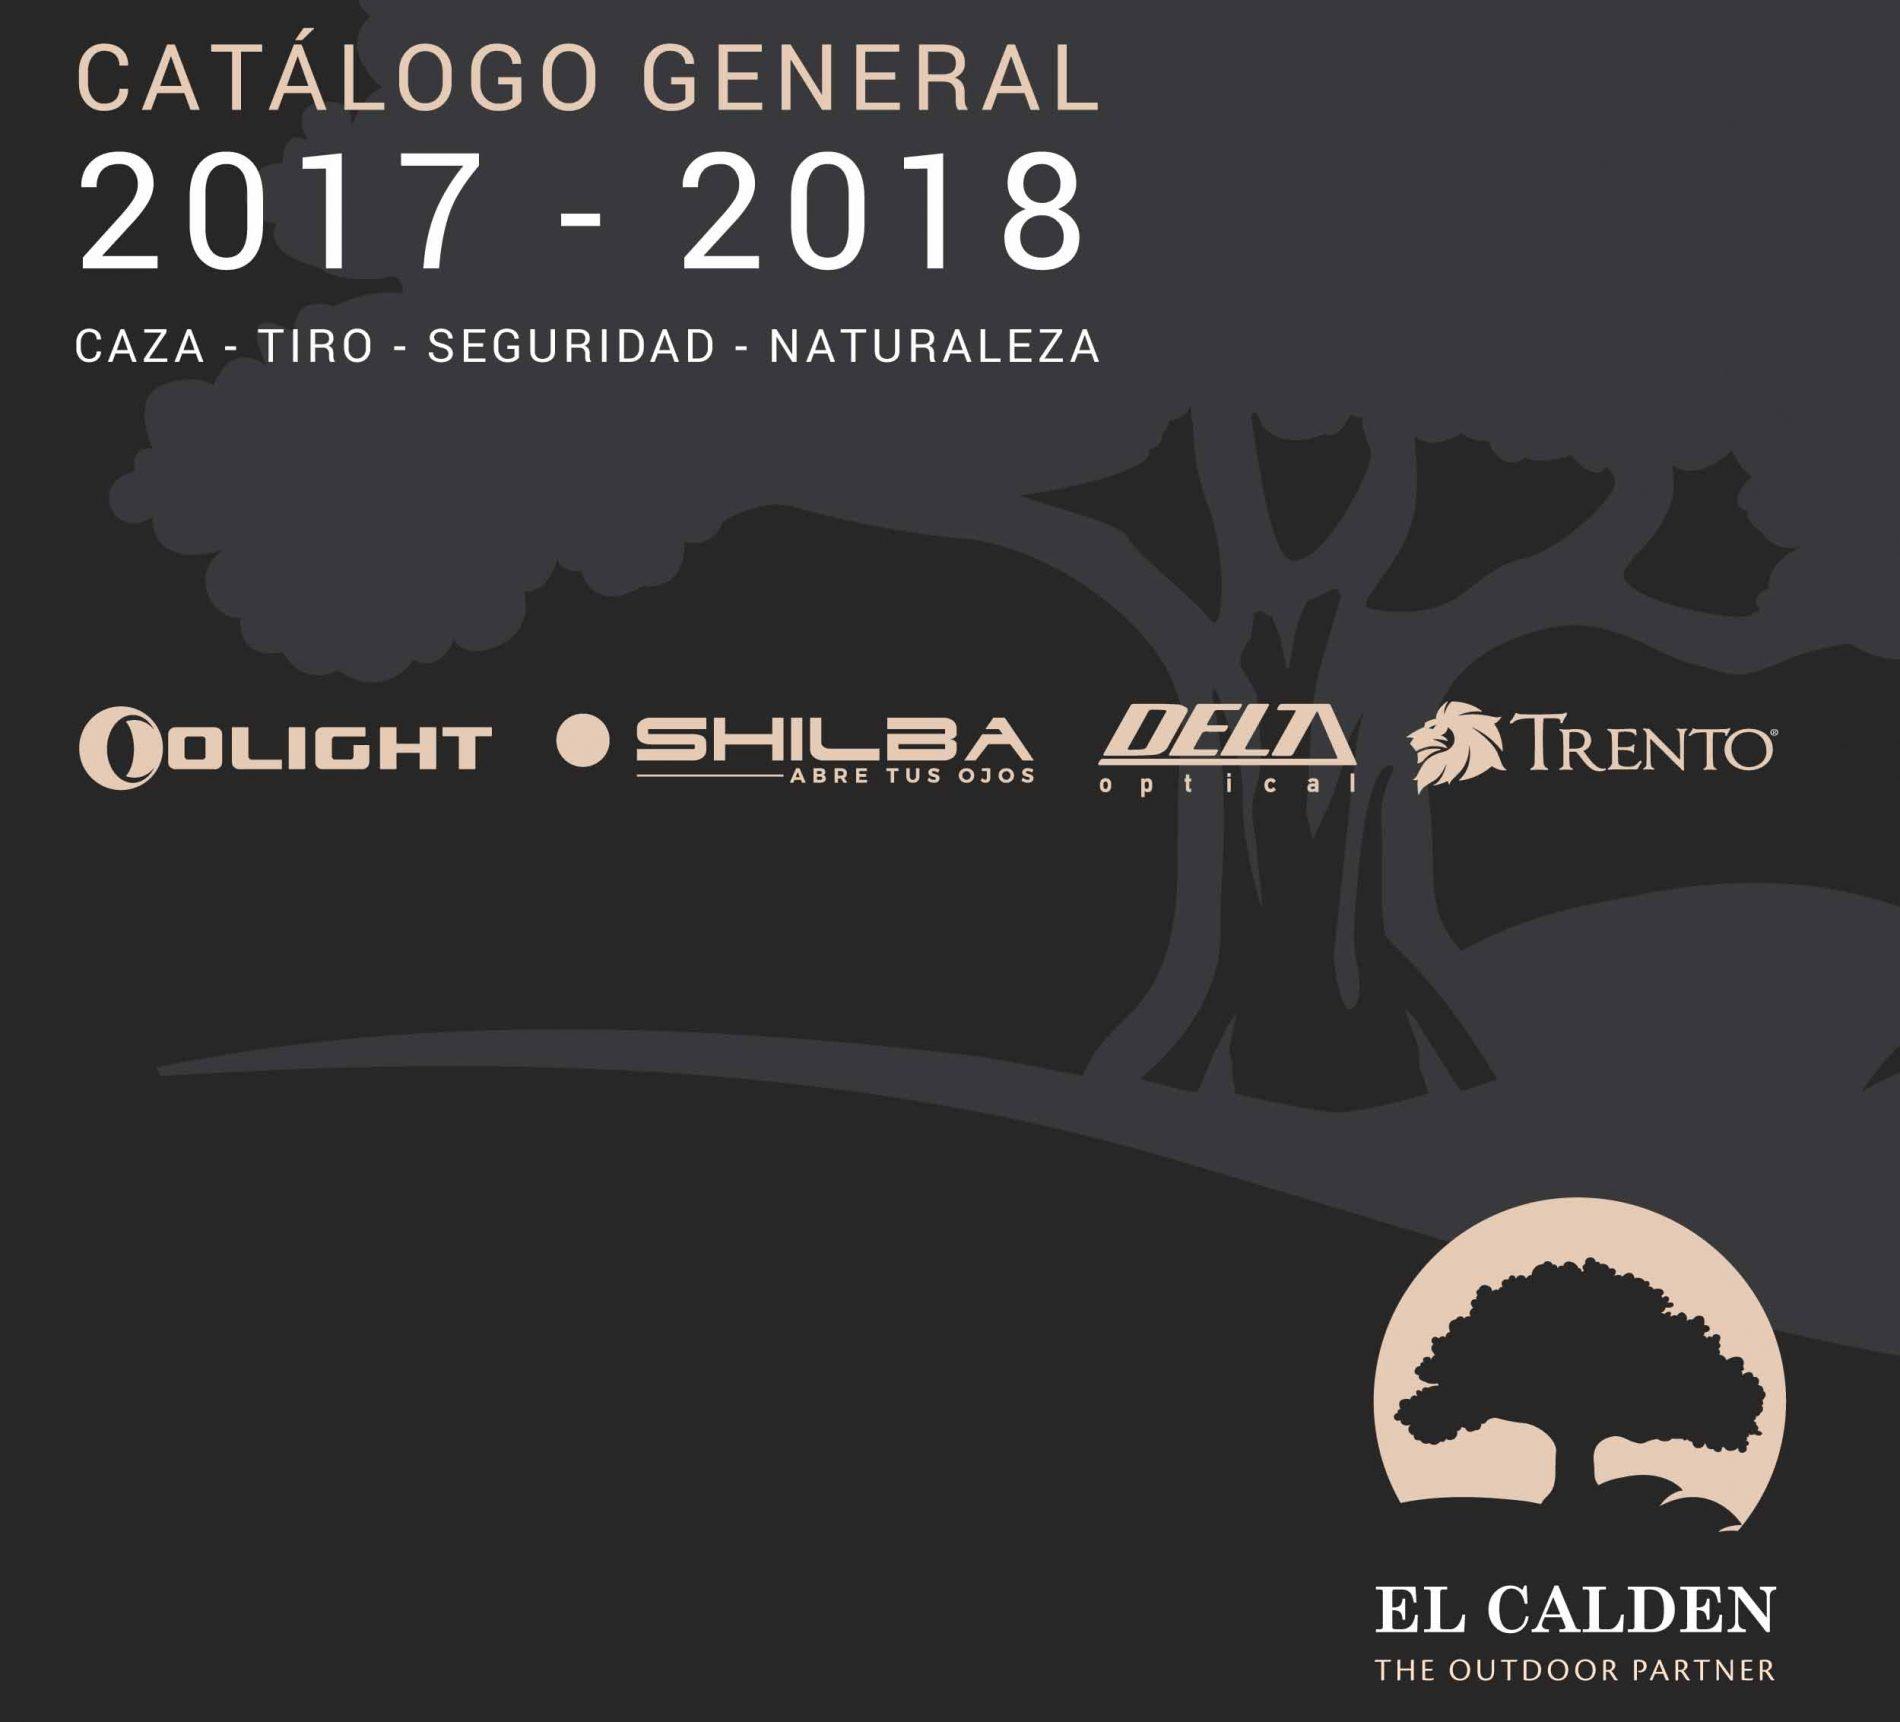 """Nuevo catálogo de """"El Caldén"""" para la temporada de caza 2017/18"""